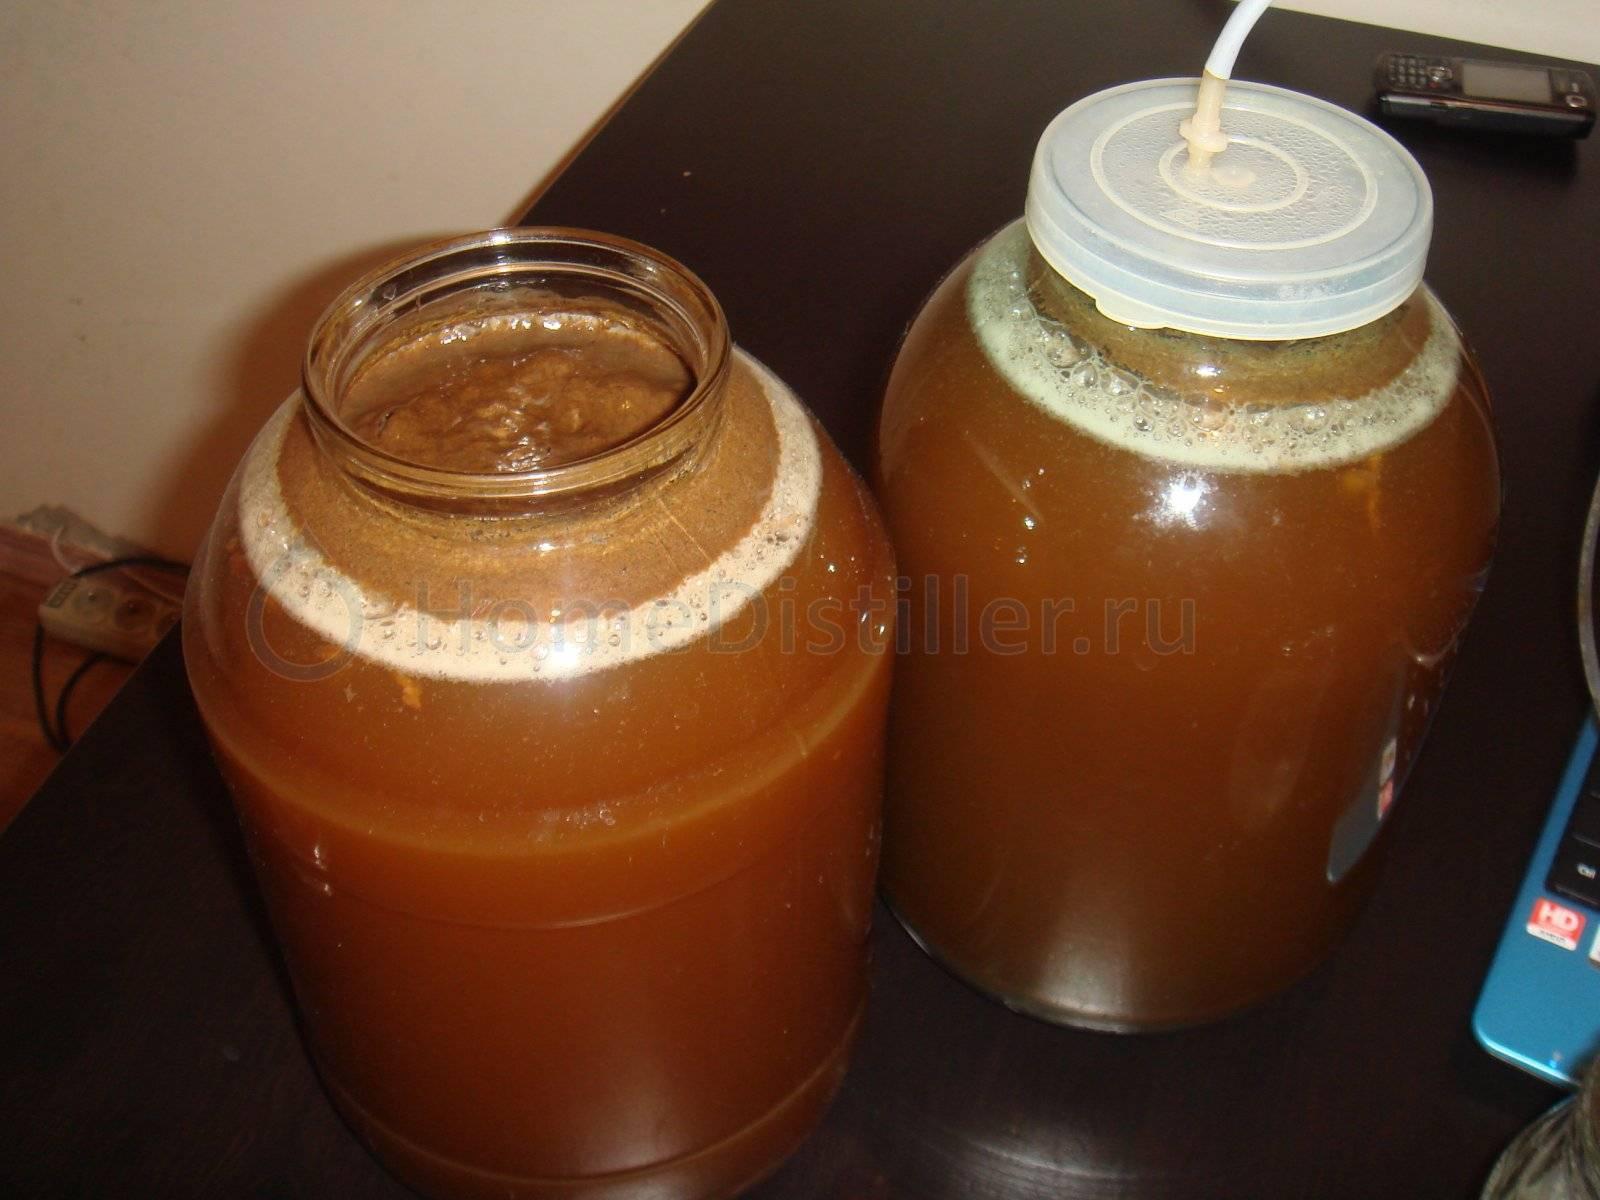 Пиво из квасного сусла: рецепты с хмелем, цикорием и ванилином, как сделать в домашних условиях